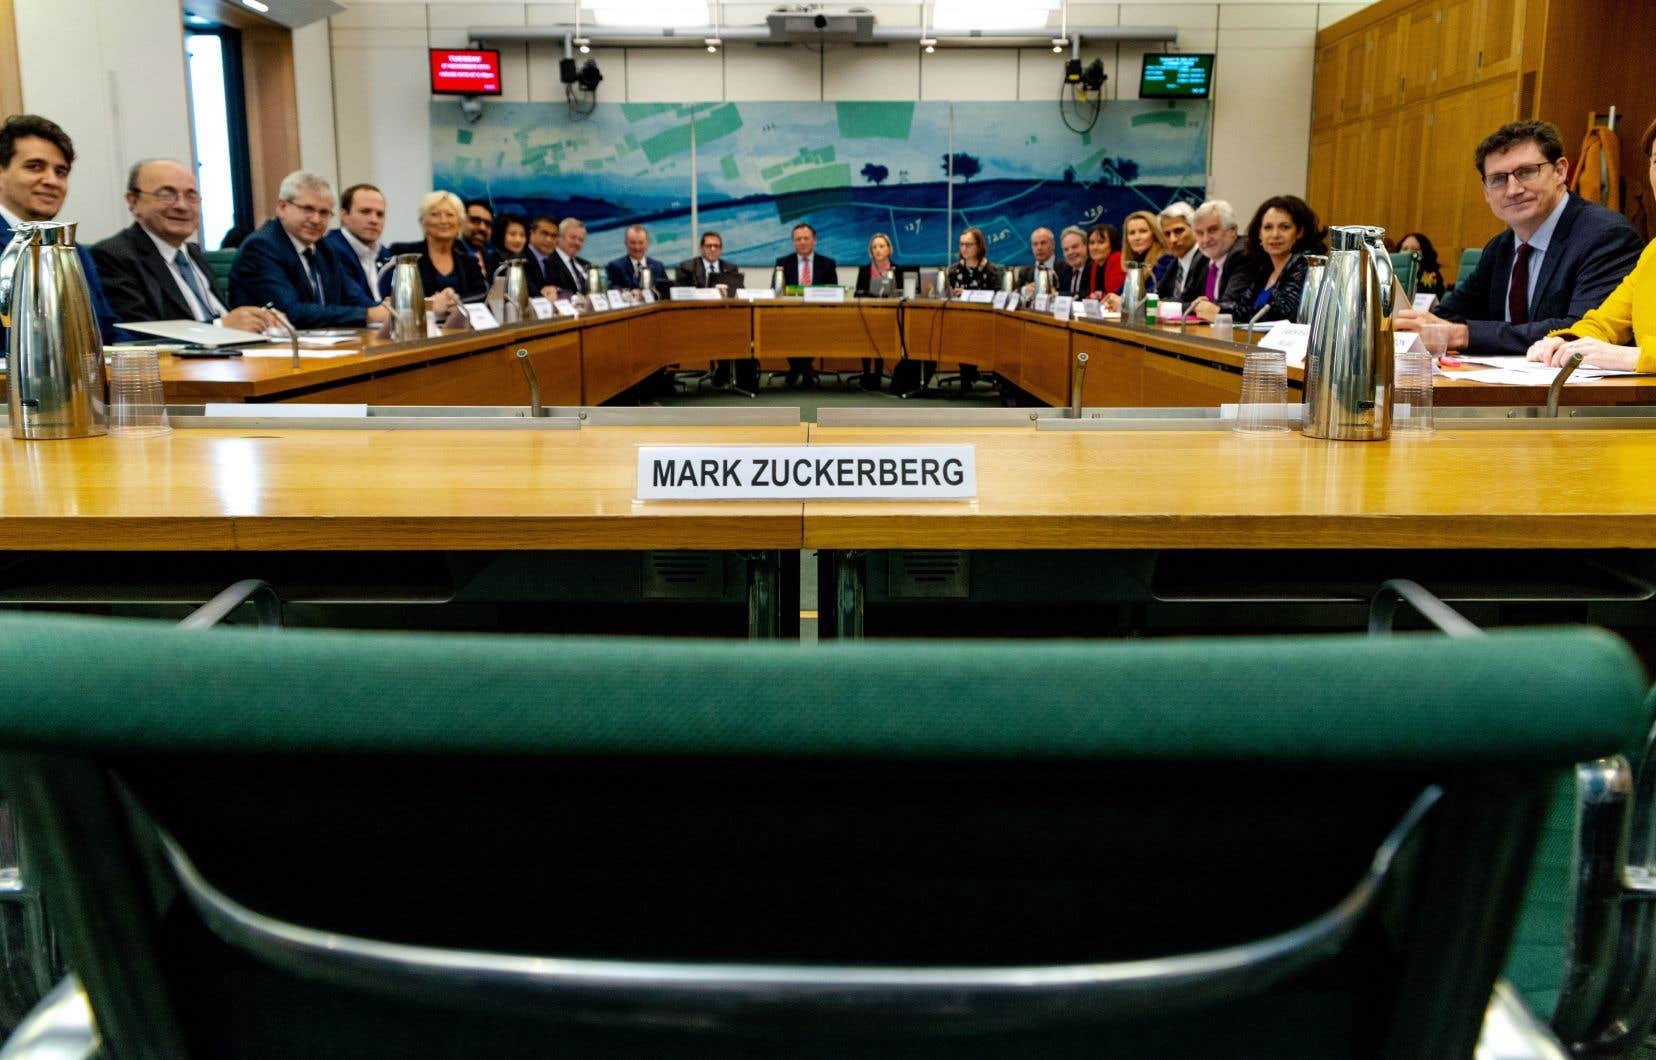 Le grand patron de Facebook, Mark Zuckerberg, avait refusé de se présenter en commission parlementaire l'an dernier. Les députés britanniques lui avaient cependant réservé une place aux auditions.